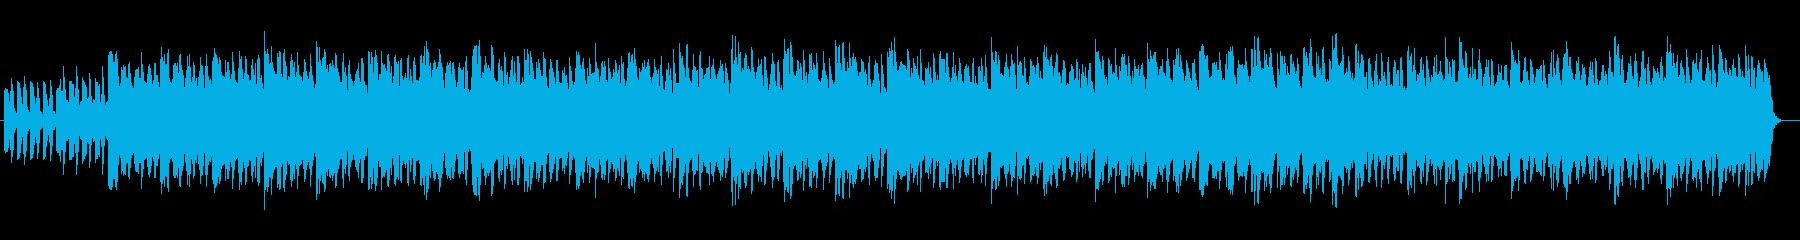 重厚感がある幻想的な曲の再生済みの波形